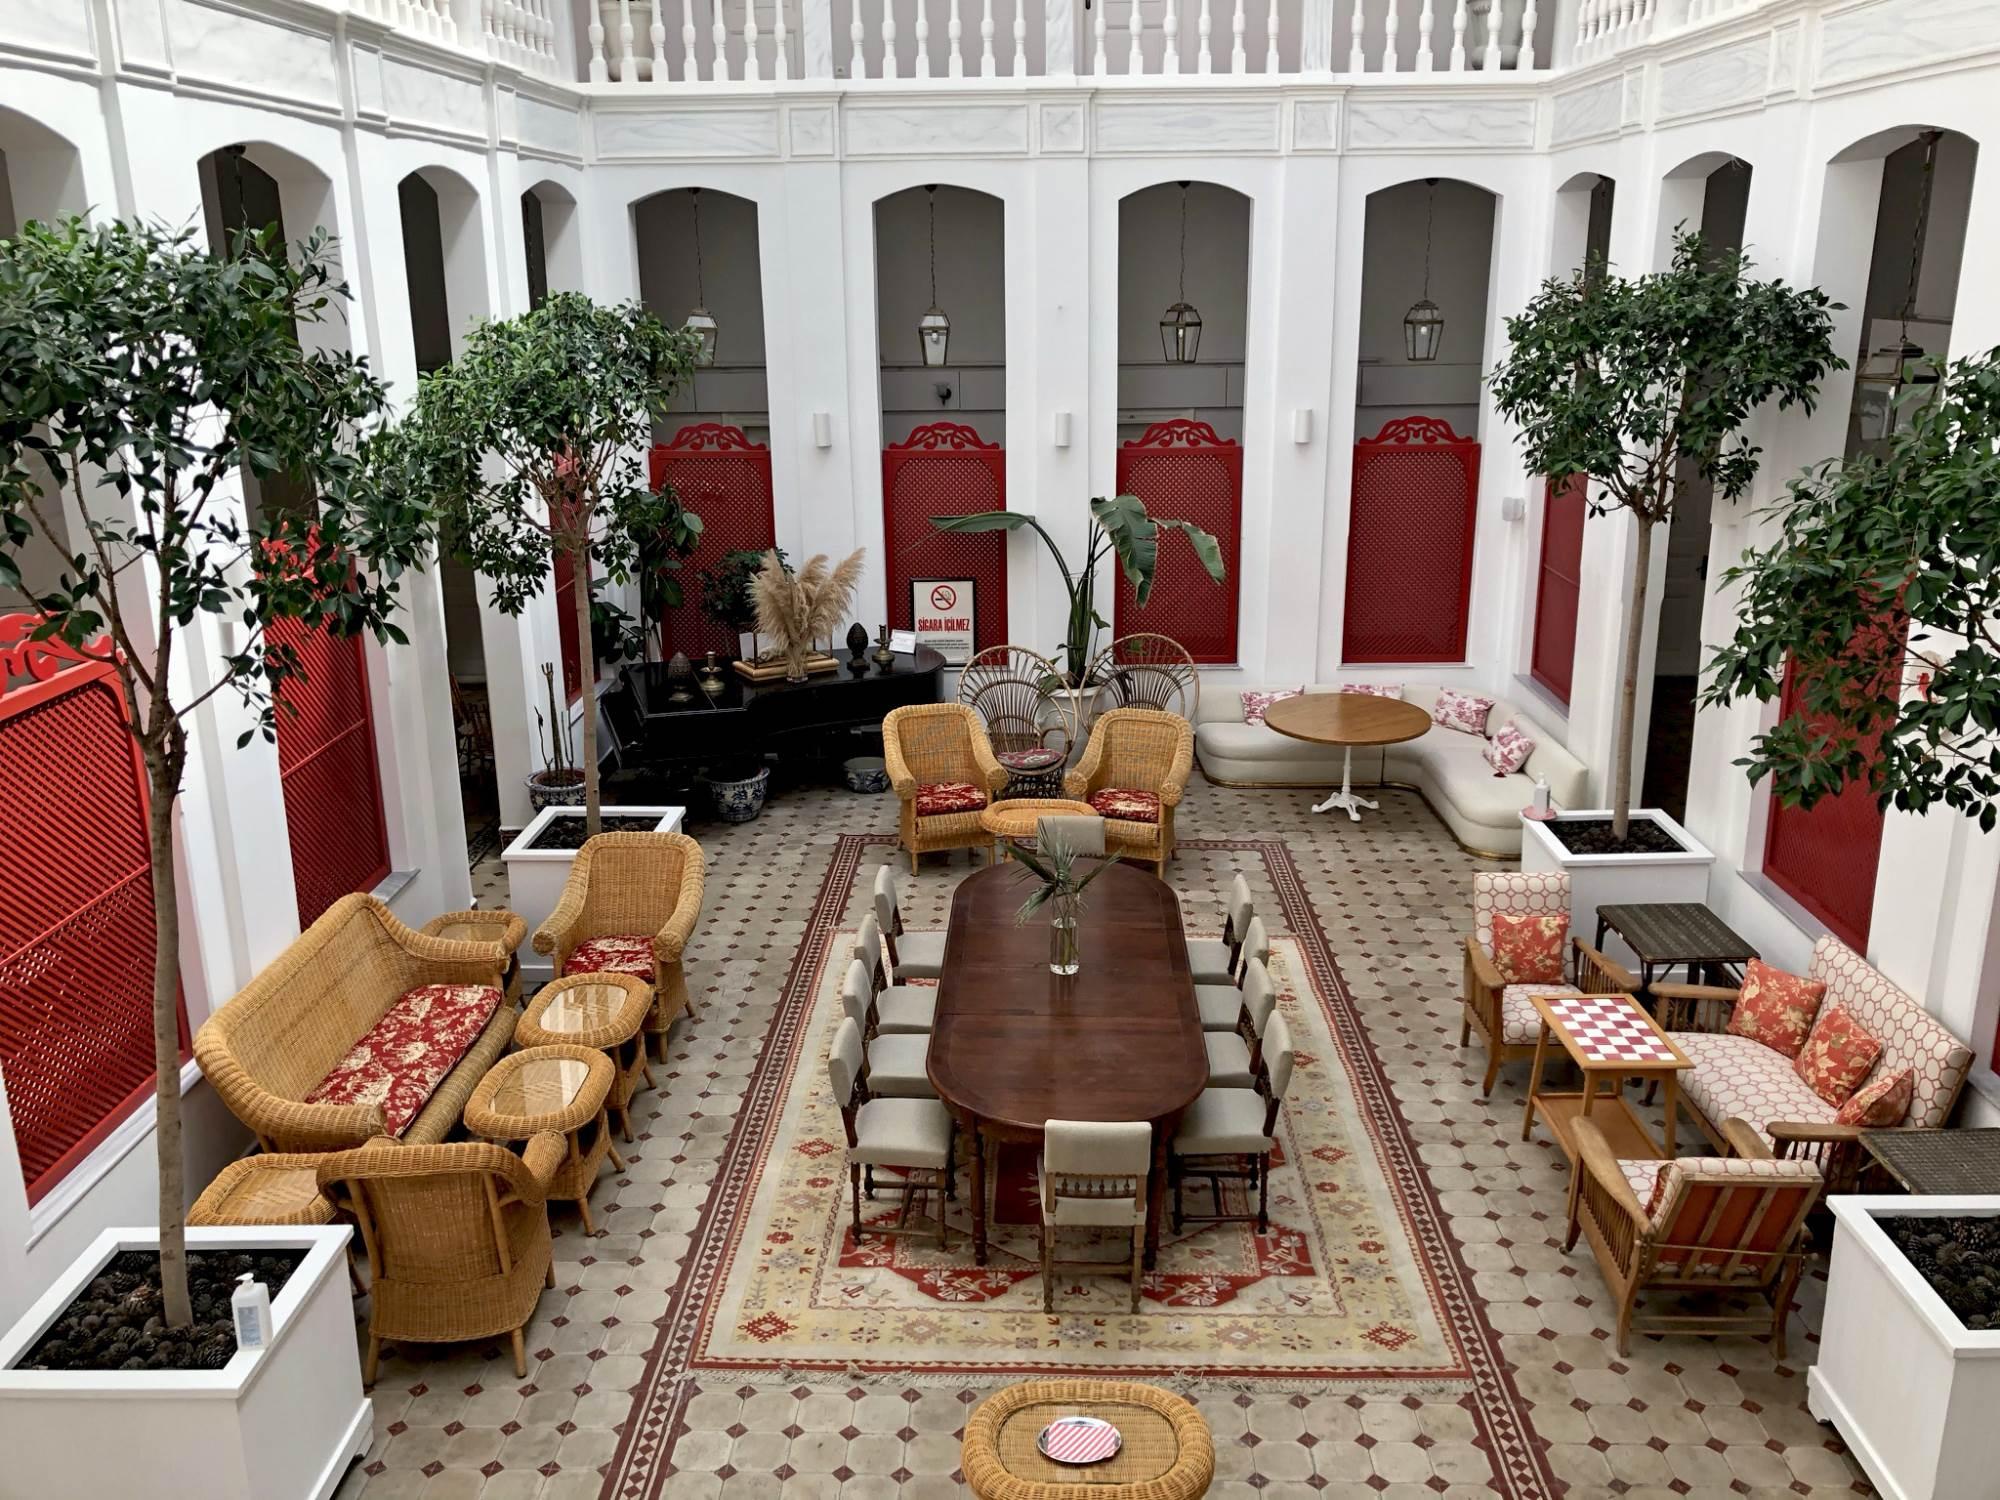 Unutrašnja bašta hotela Splendid Palace, Prinčevska ostrva